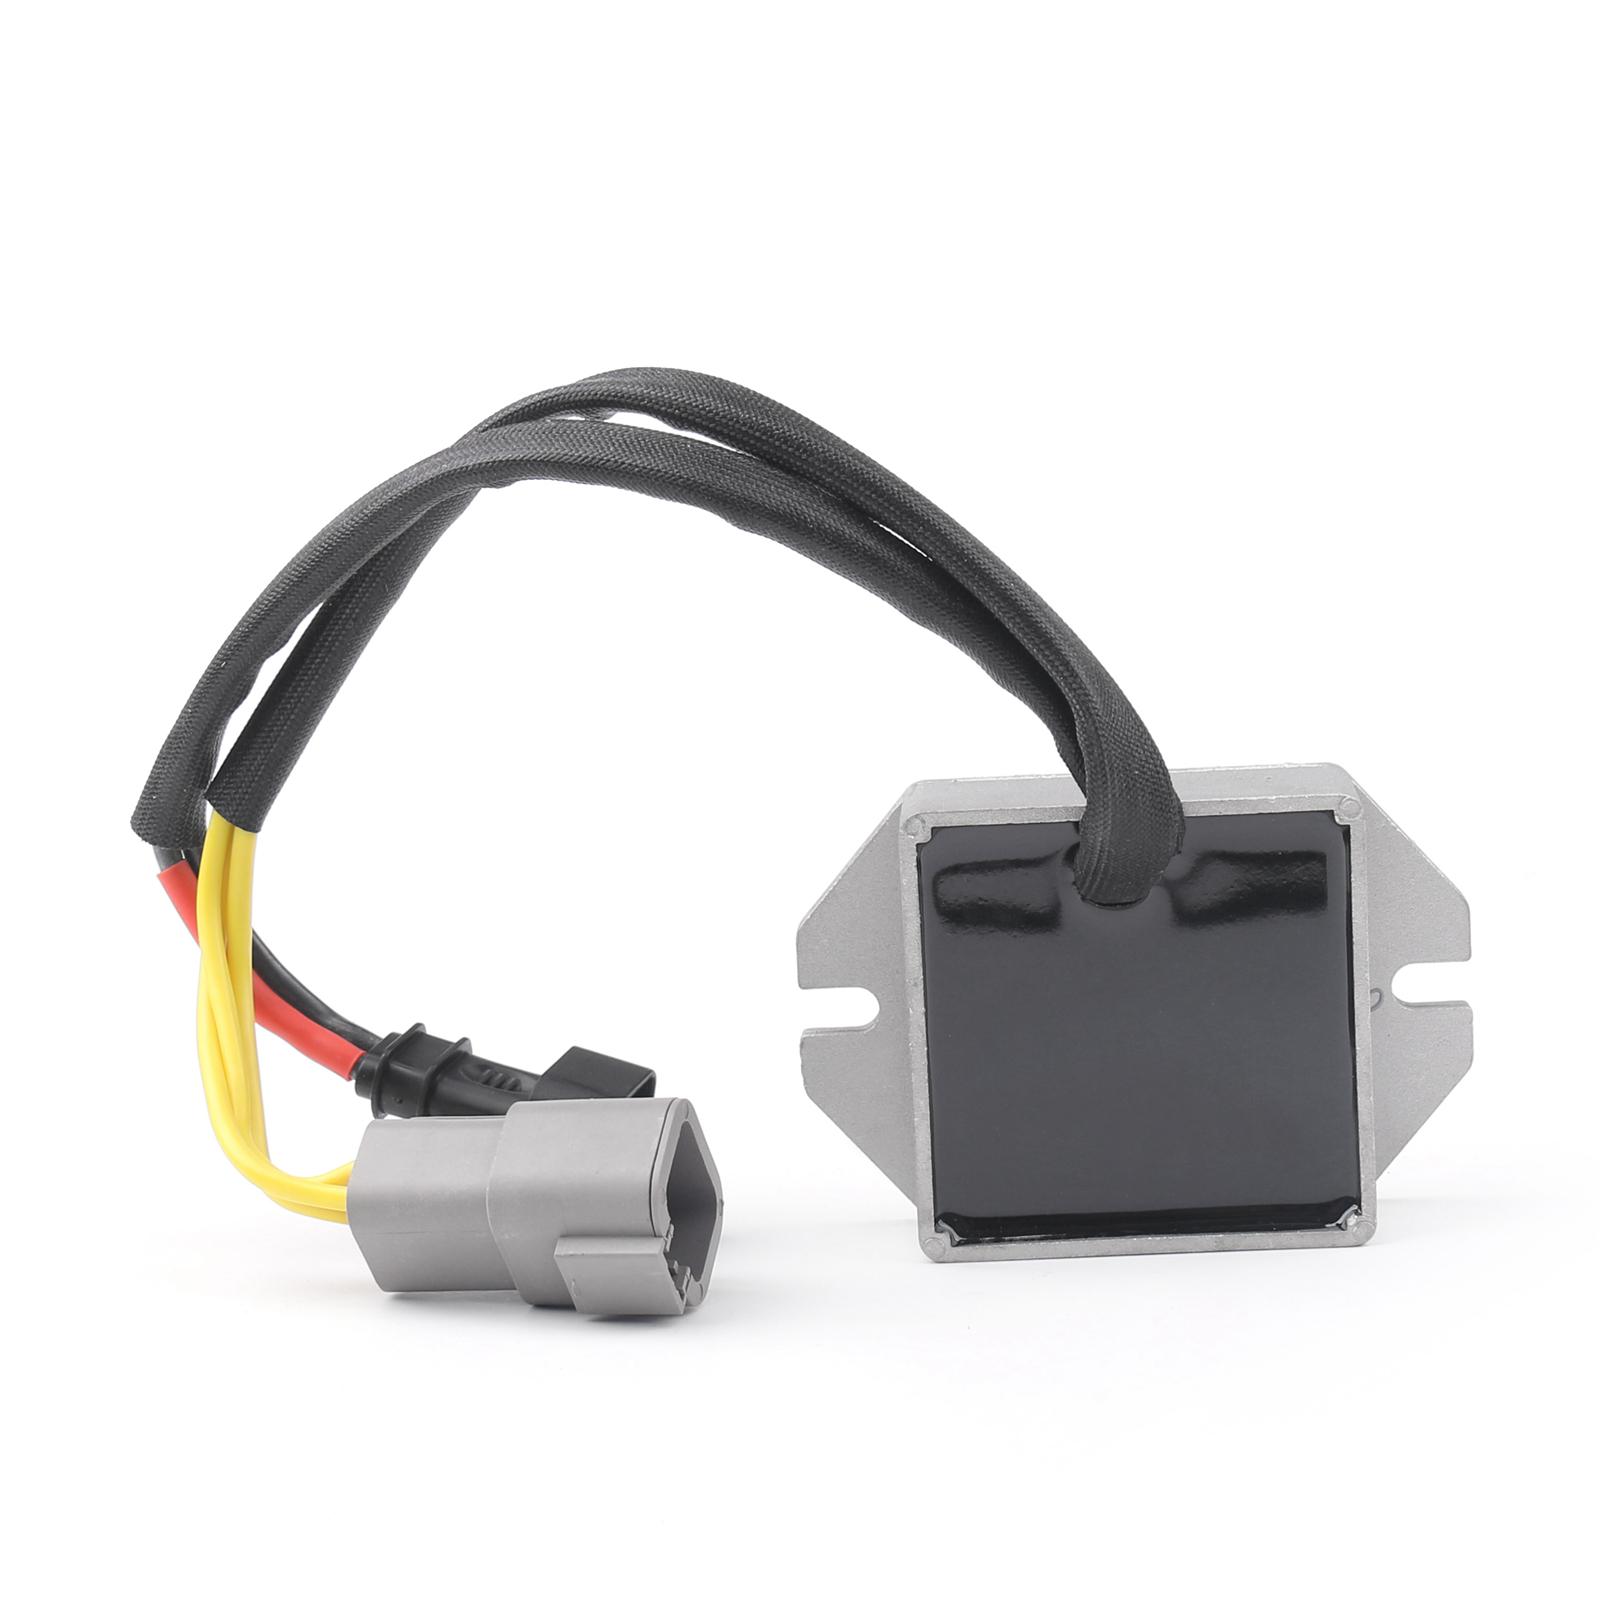 Buell 1125R 2008-2010 1125 CR 2009-2010專用整流器-極限超快感